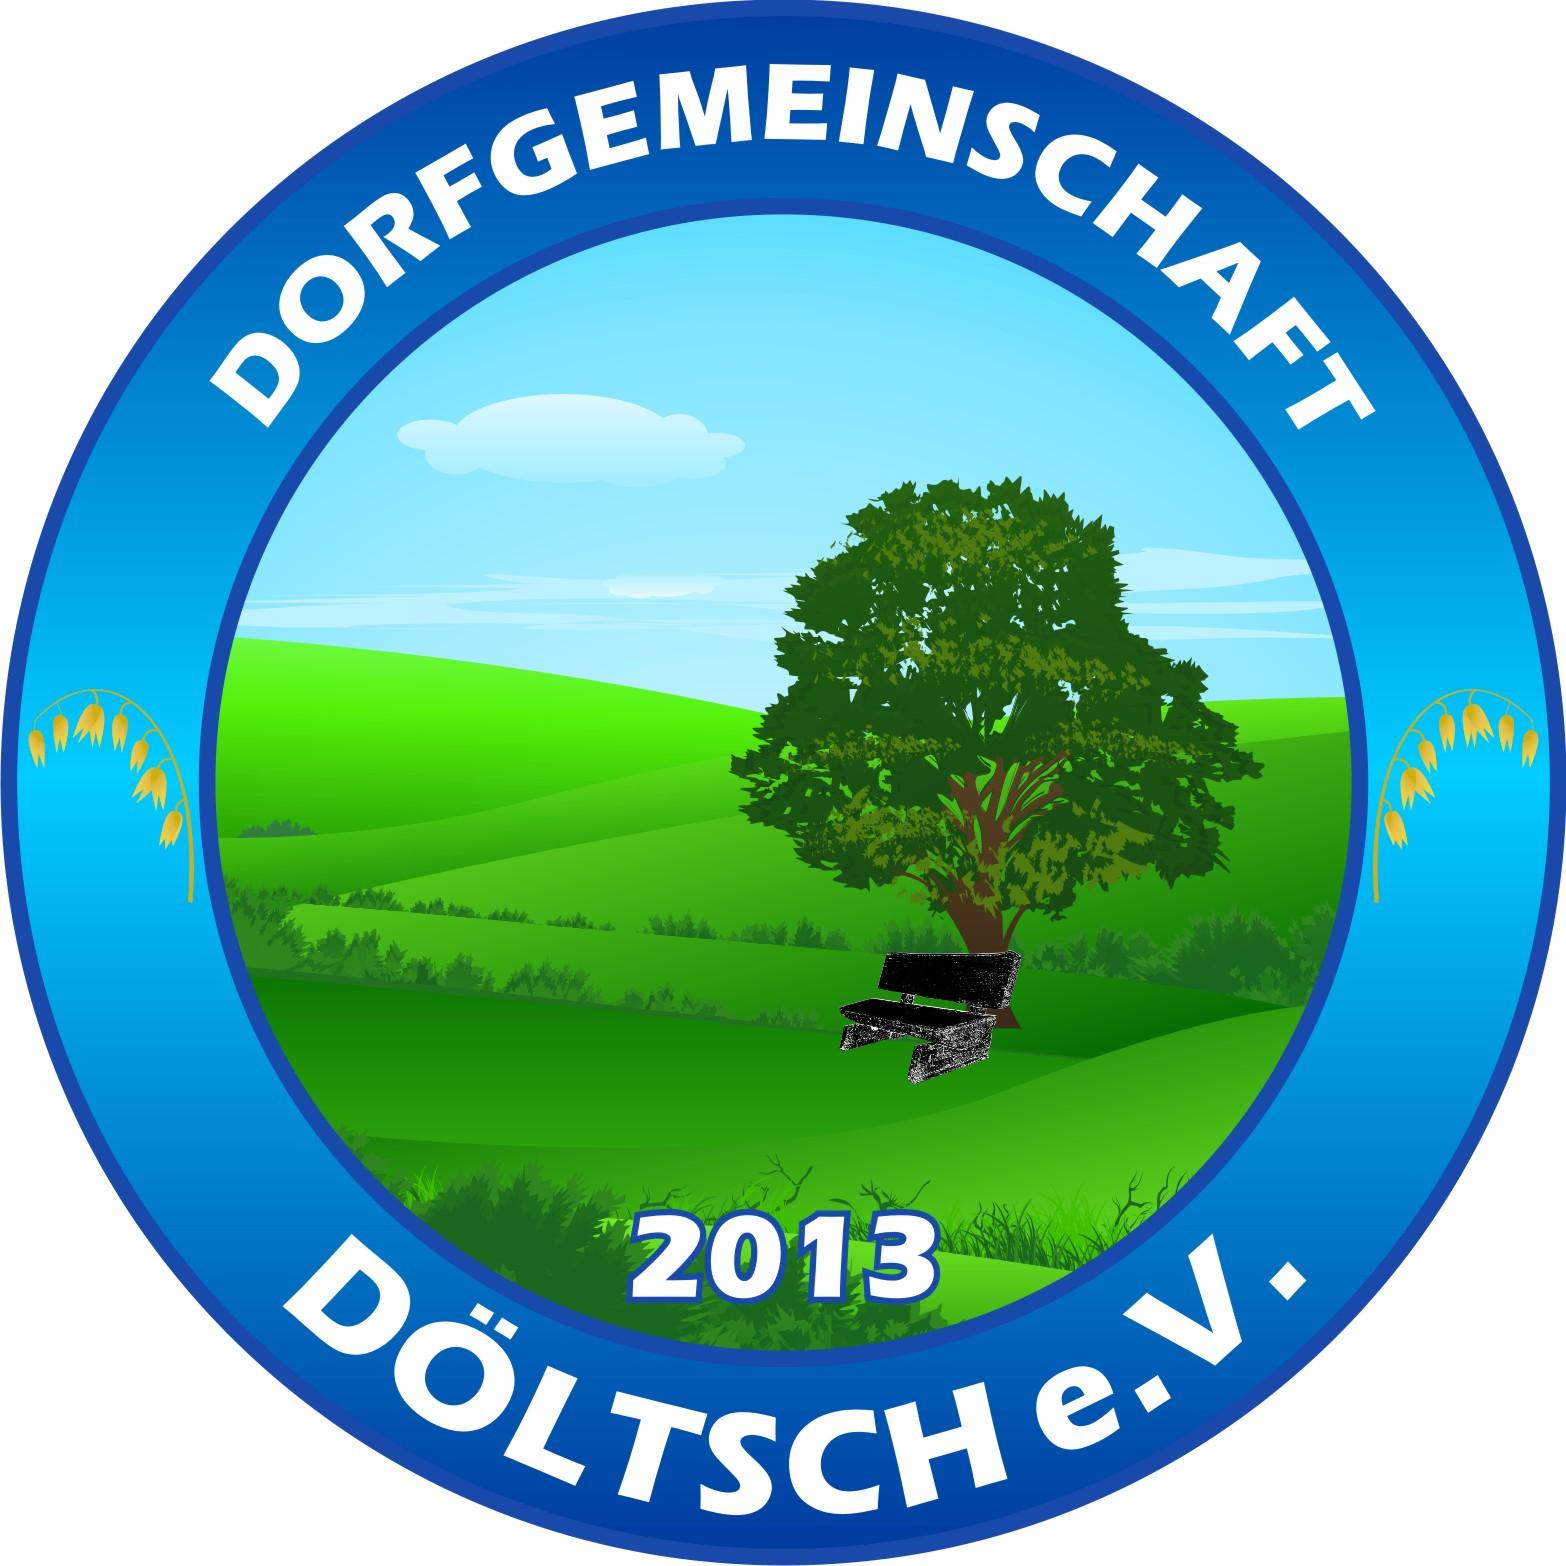 Dorfgemeinschaft Döltsch